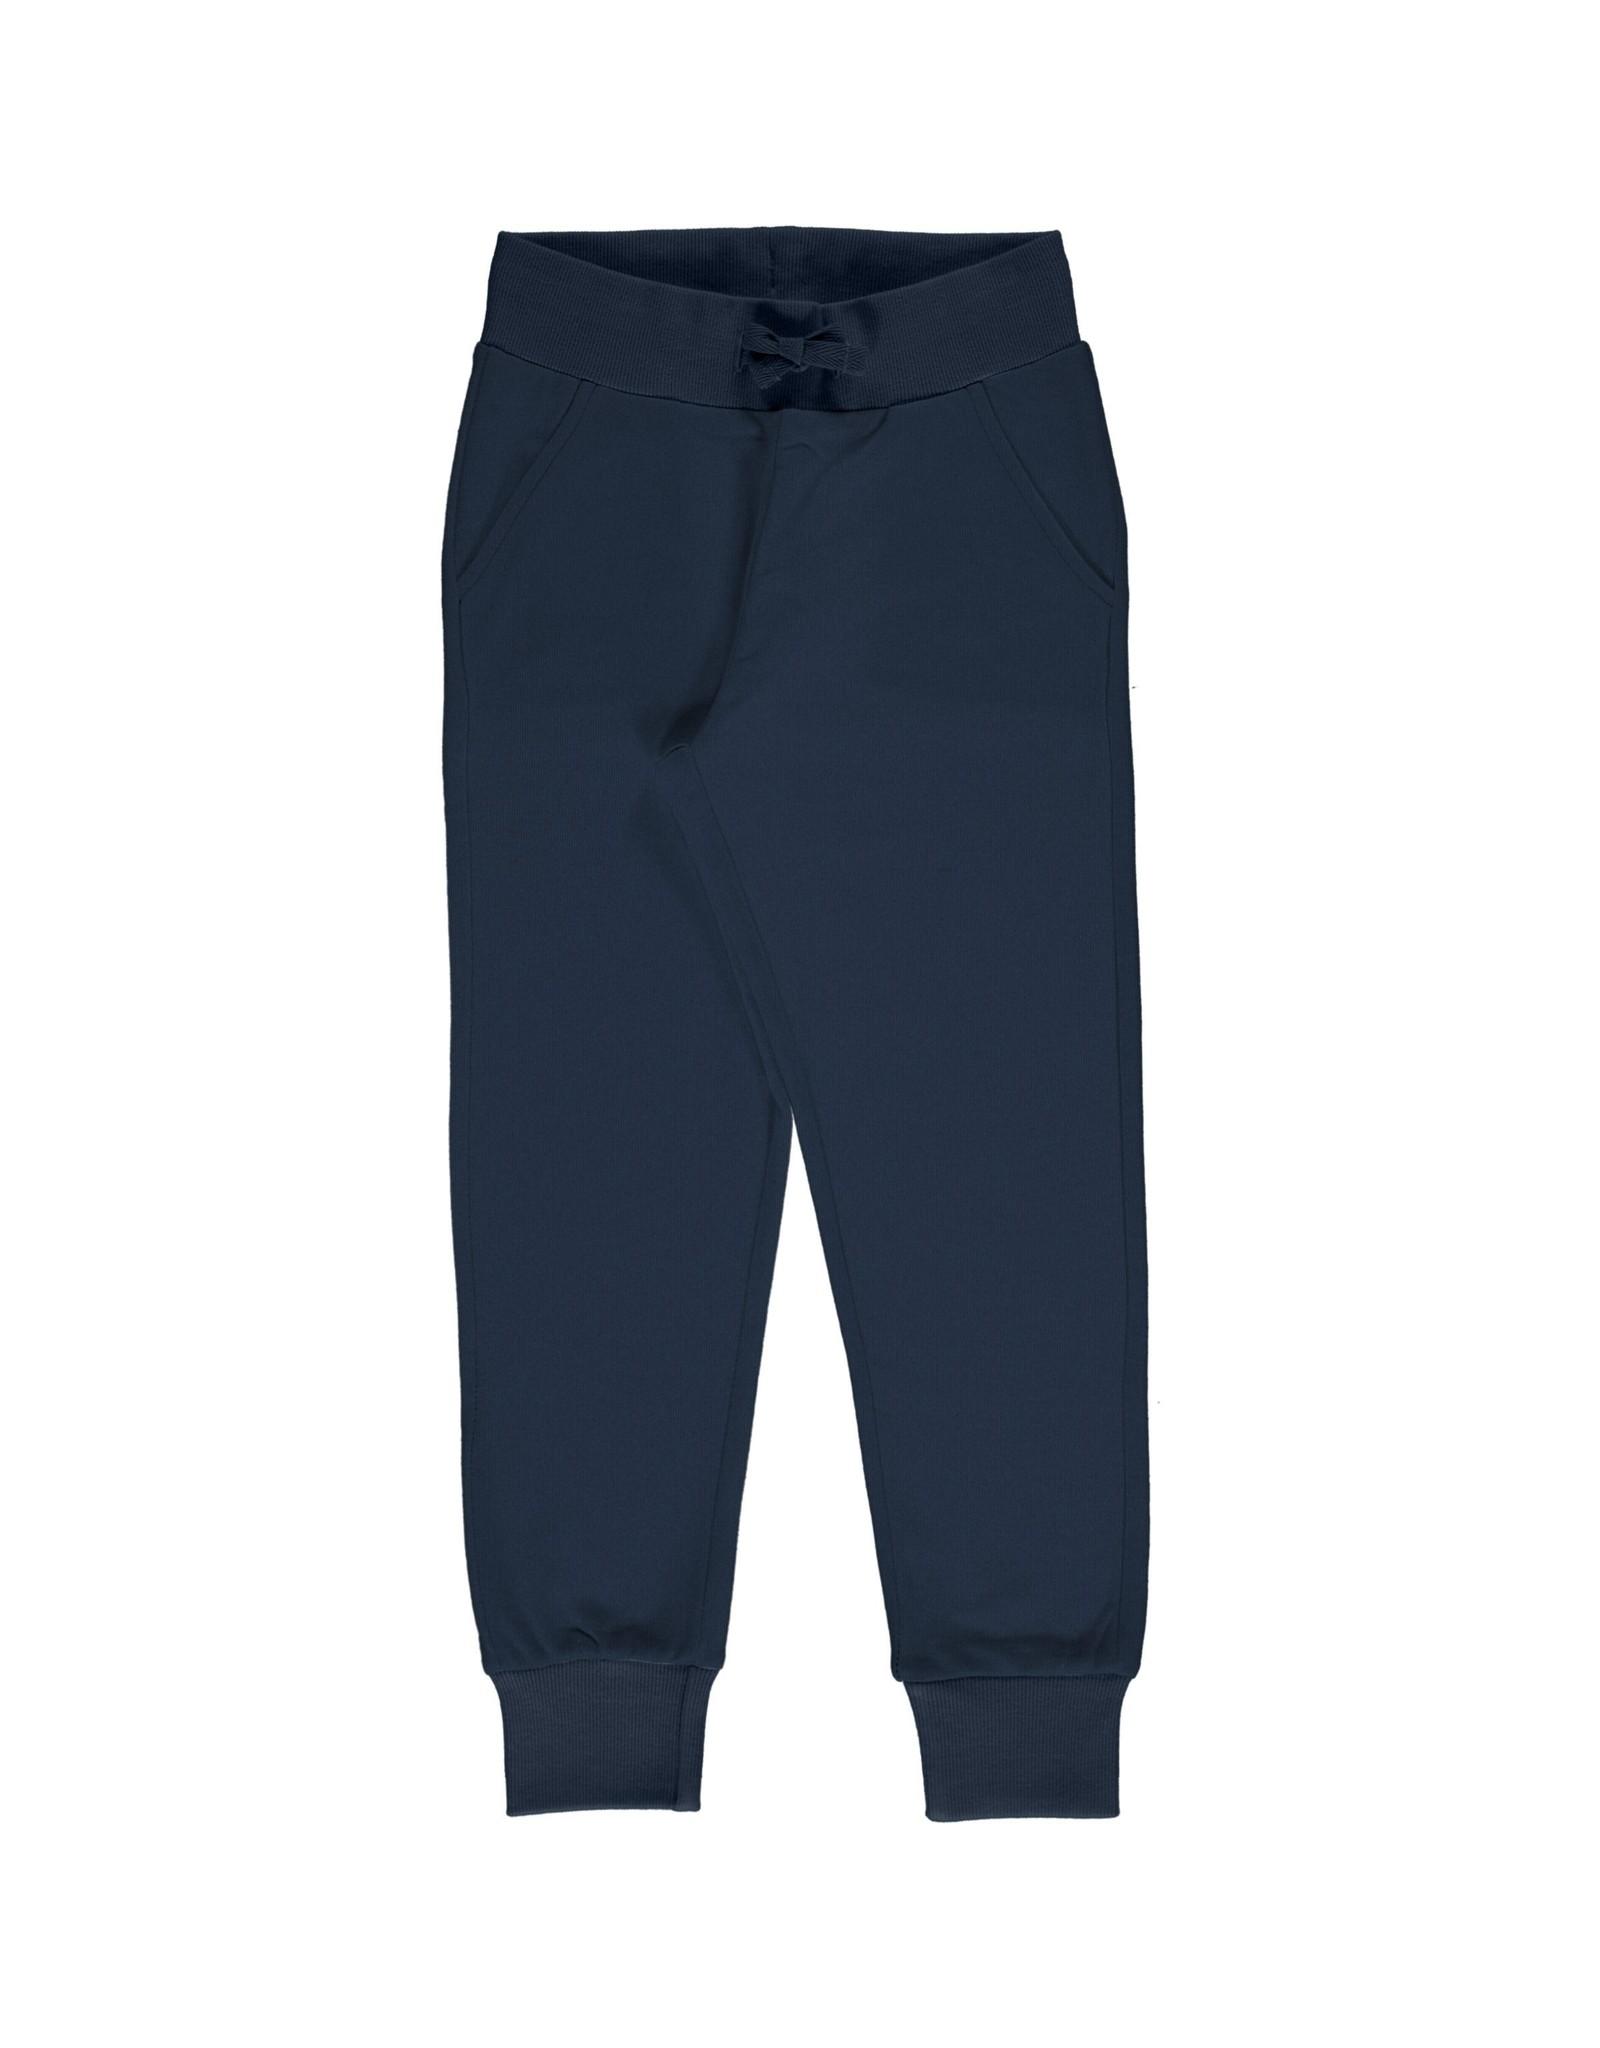 Maxomorra Zachte jogging broek donkerblauw